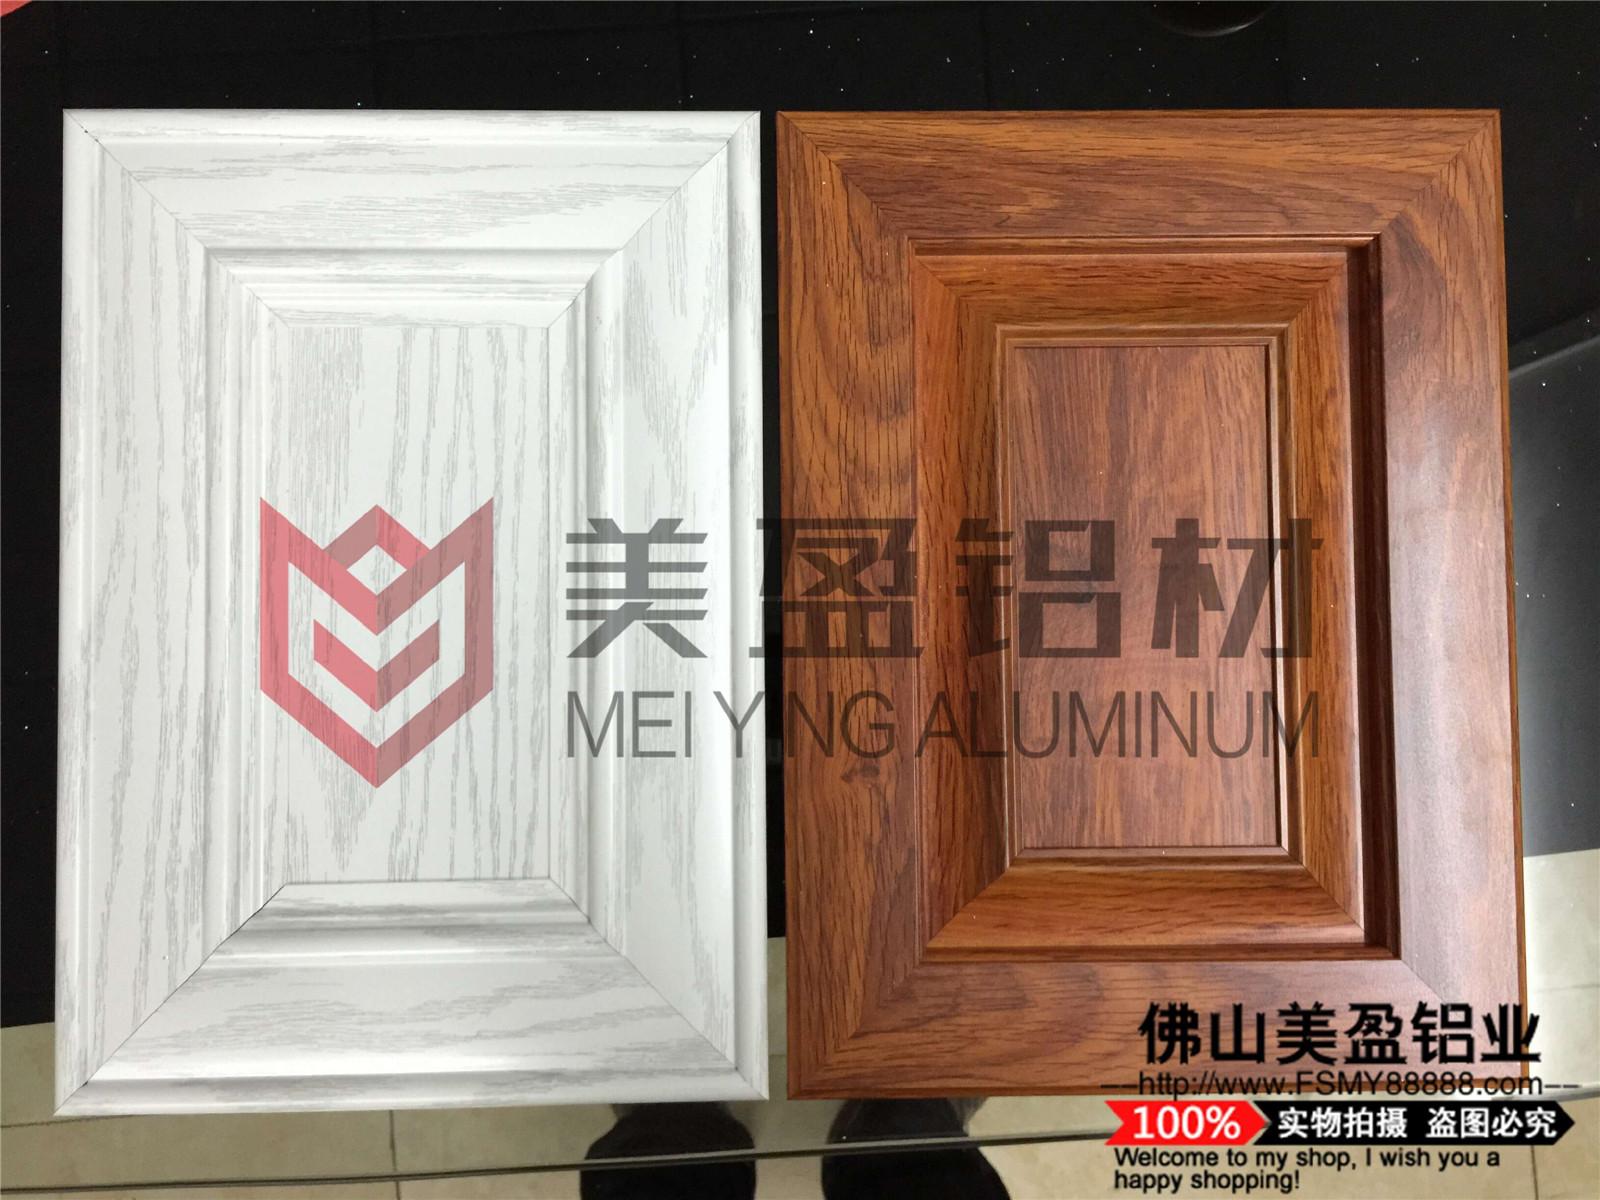 橱柜全铝门包覆门生态门晶钢门铝材欧式全铝橱柜门